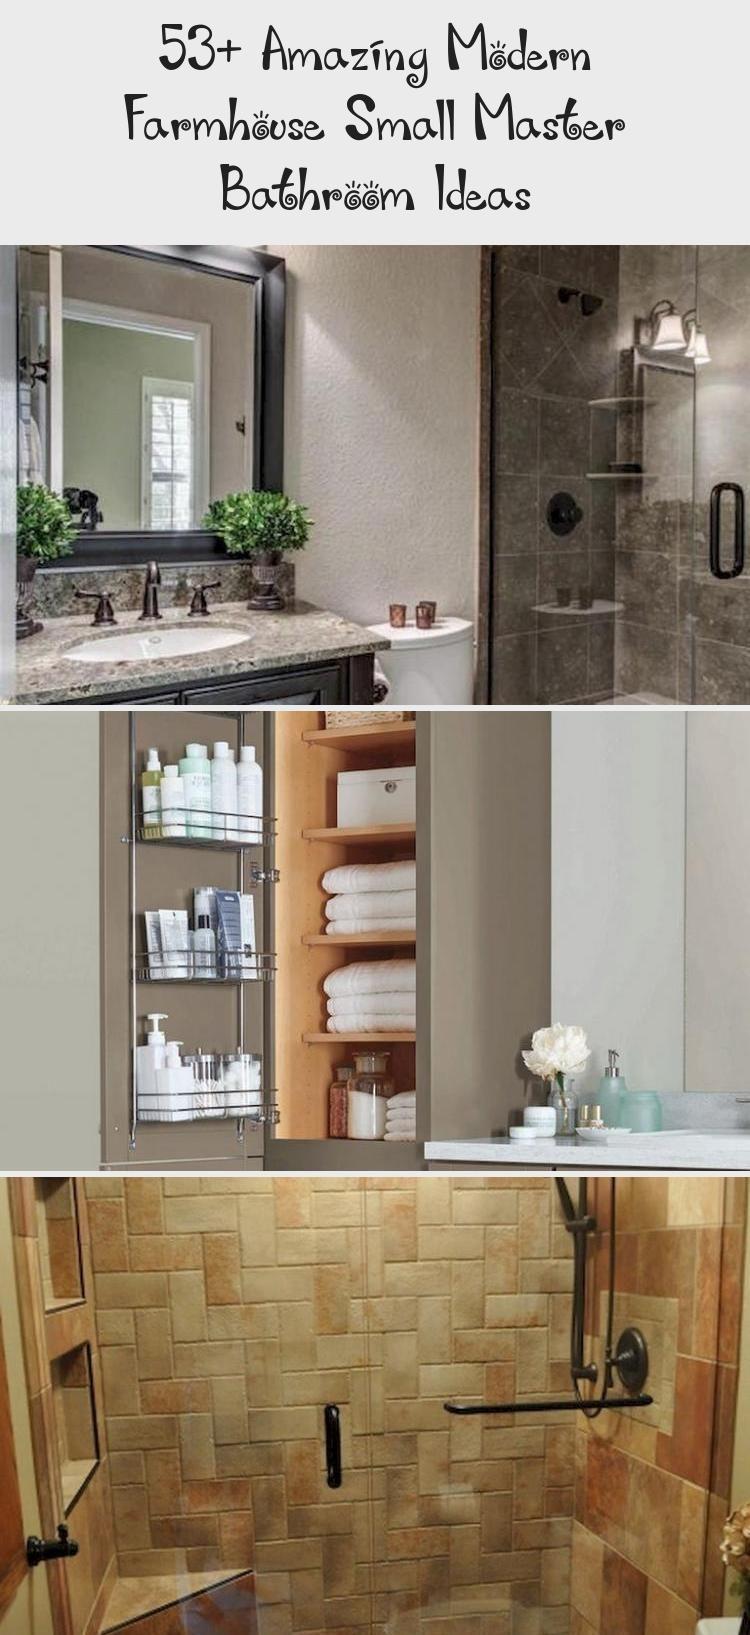 53+ amazing modern farmhouse small master bathroom ideas - İdeas # er ...#amazi...#amazi #amazing #bathroom #farmhouse #ideas #master #modern #small